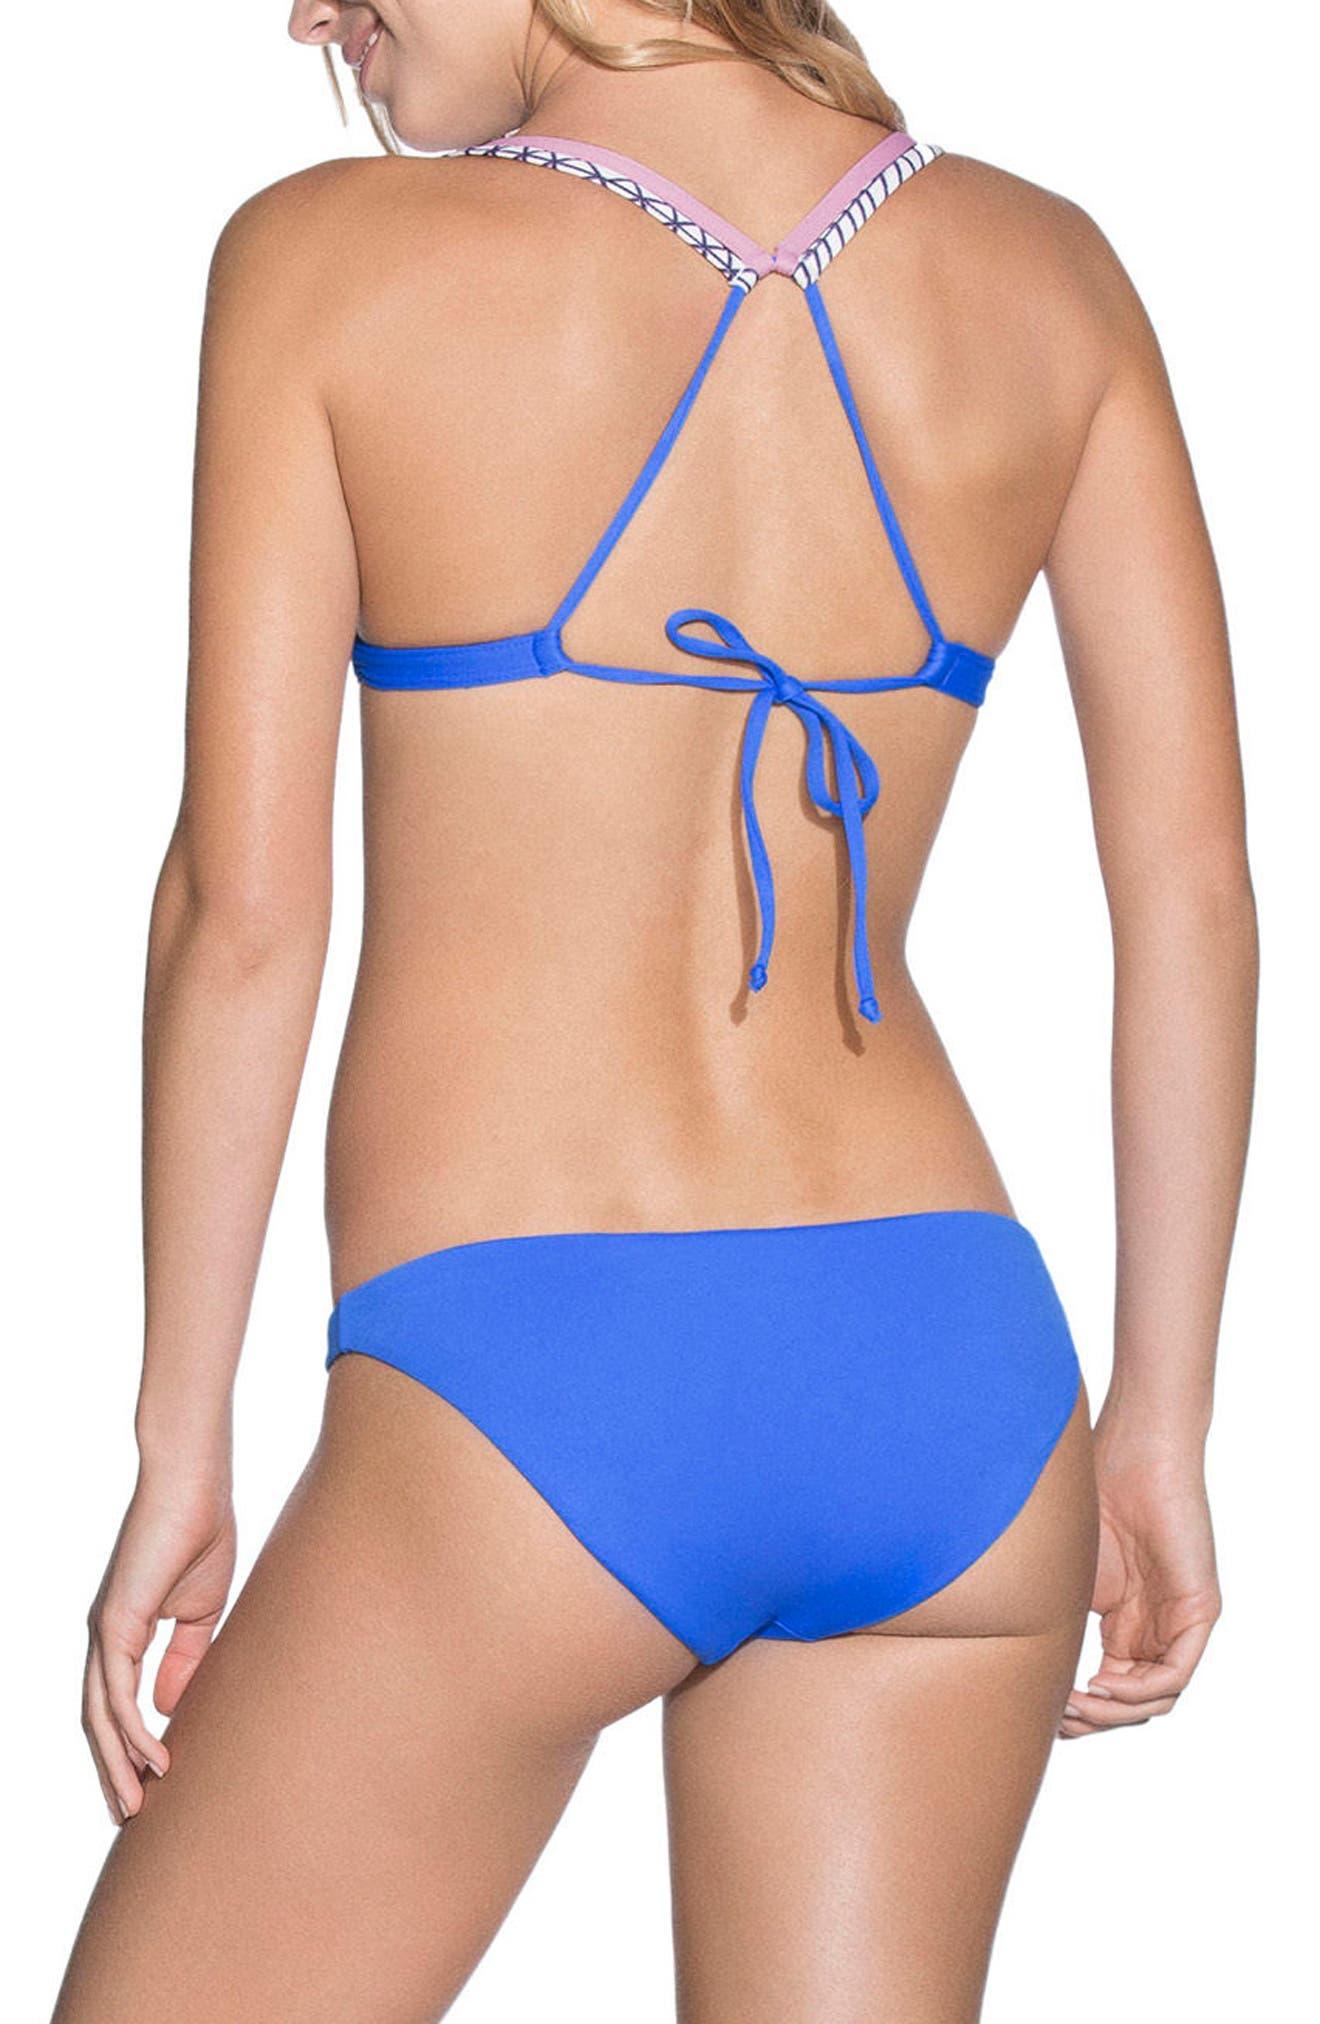 Neptune Blue Sublime Reversible Bikini Bottoms,                             Alternate thumbnail 5, color,                             400